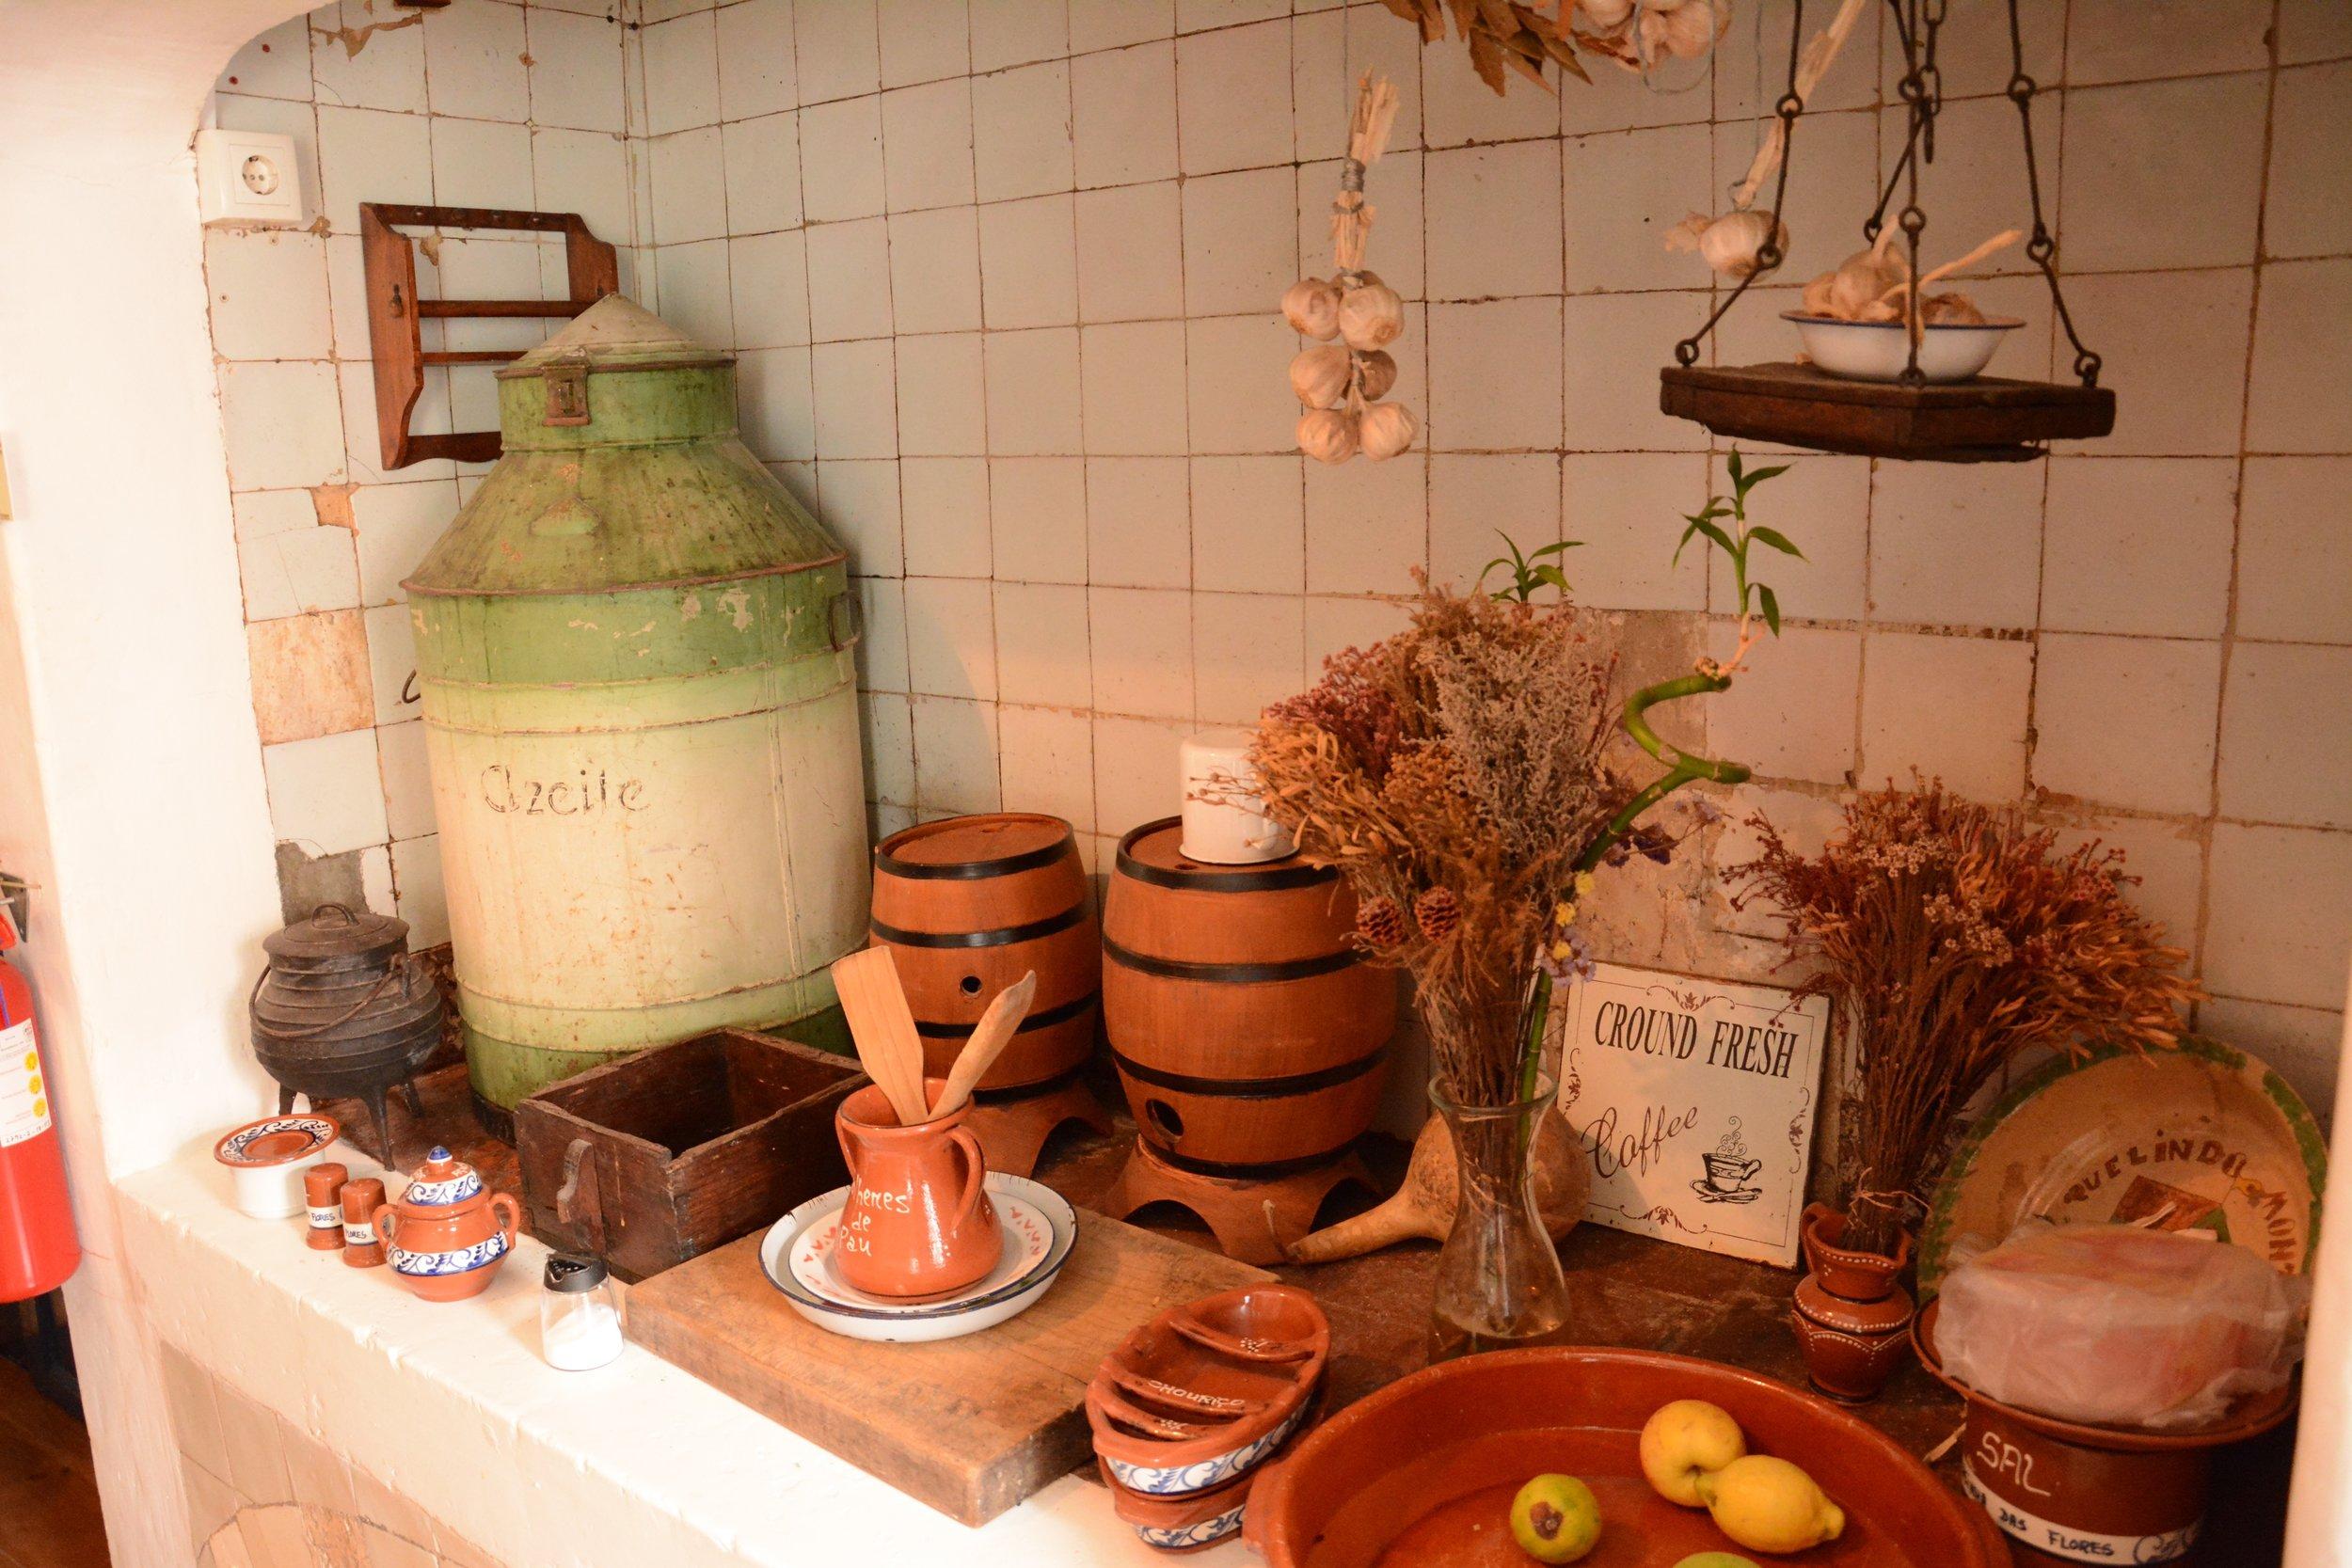 casinha kitchen 3.jpg